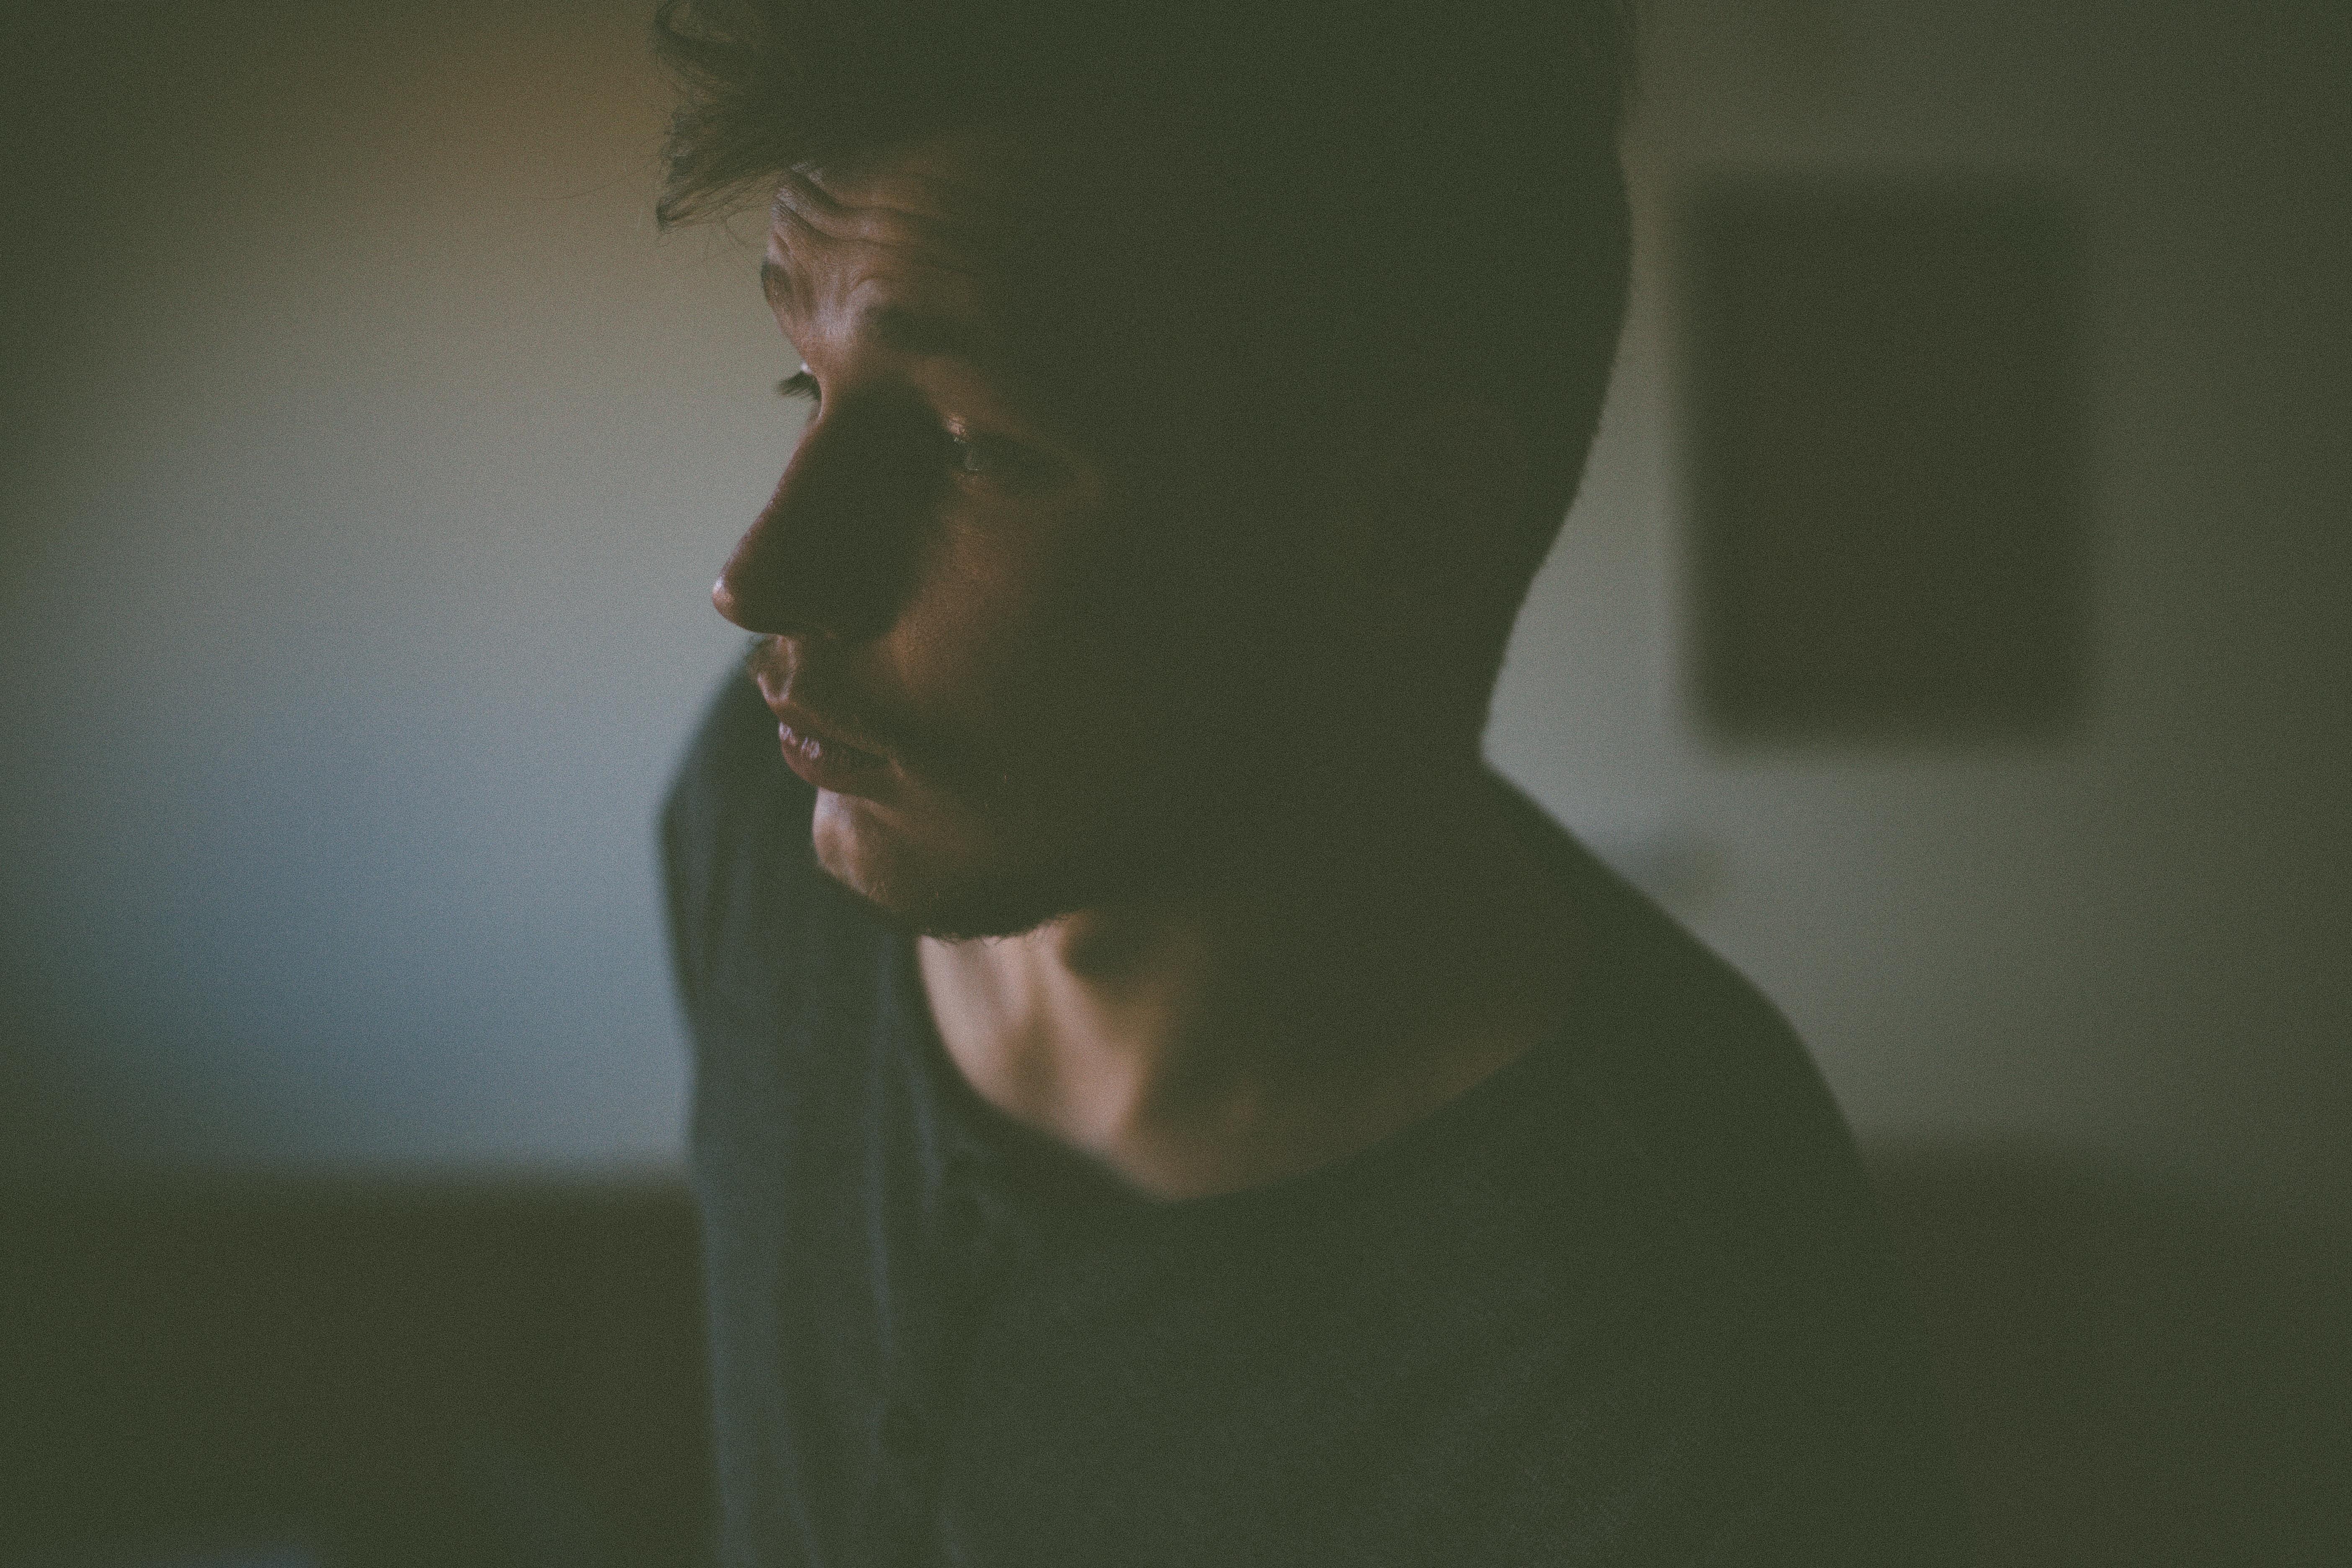 Fotoğraf ışık Güneş ışığı Portre Insan Karanlık Güzel Görüntü